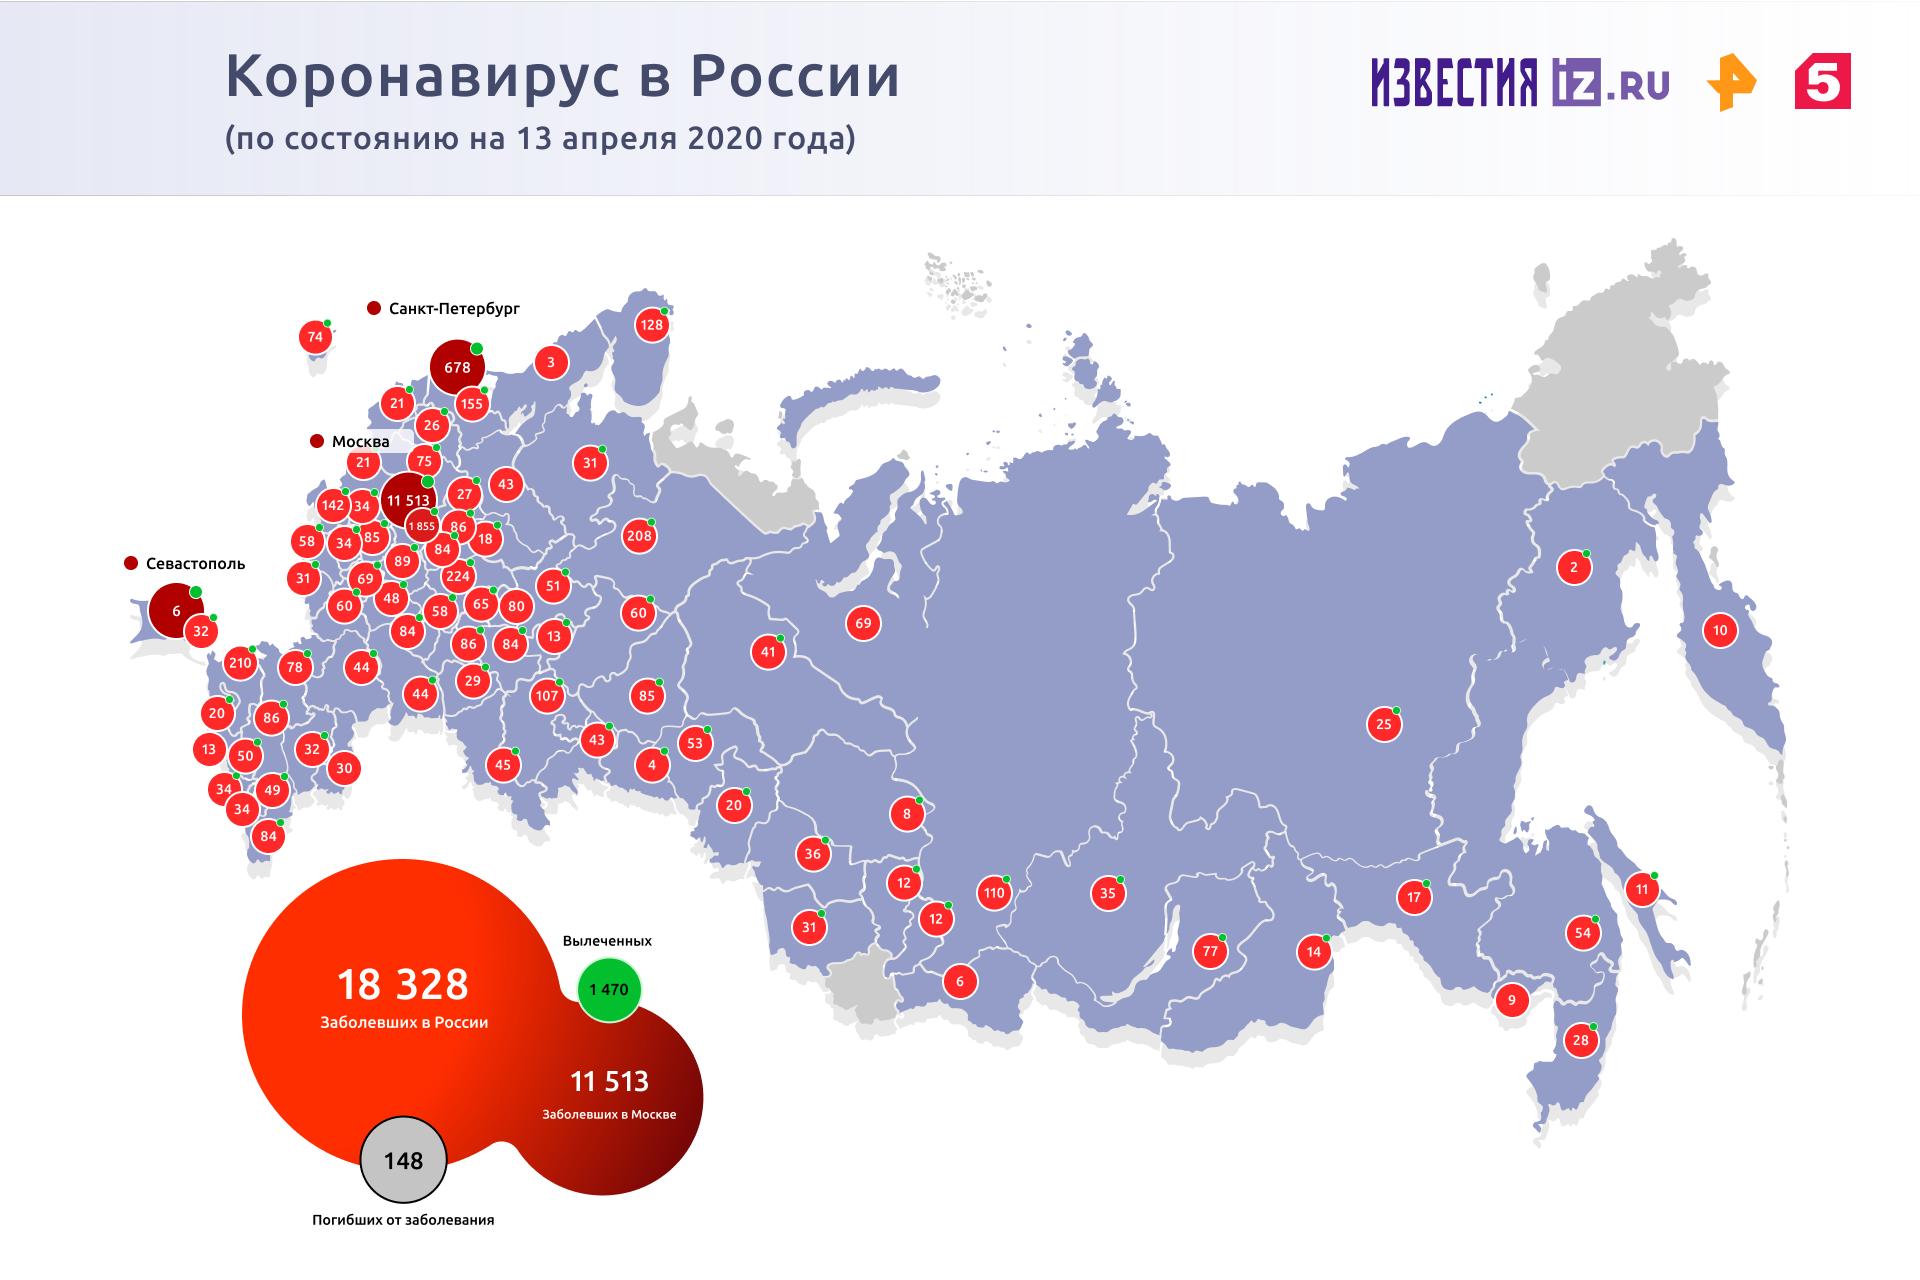 Власти Москвы не будут запрещать горожанам поездки в другие регионы